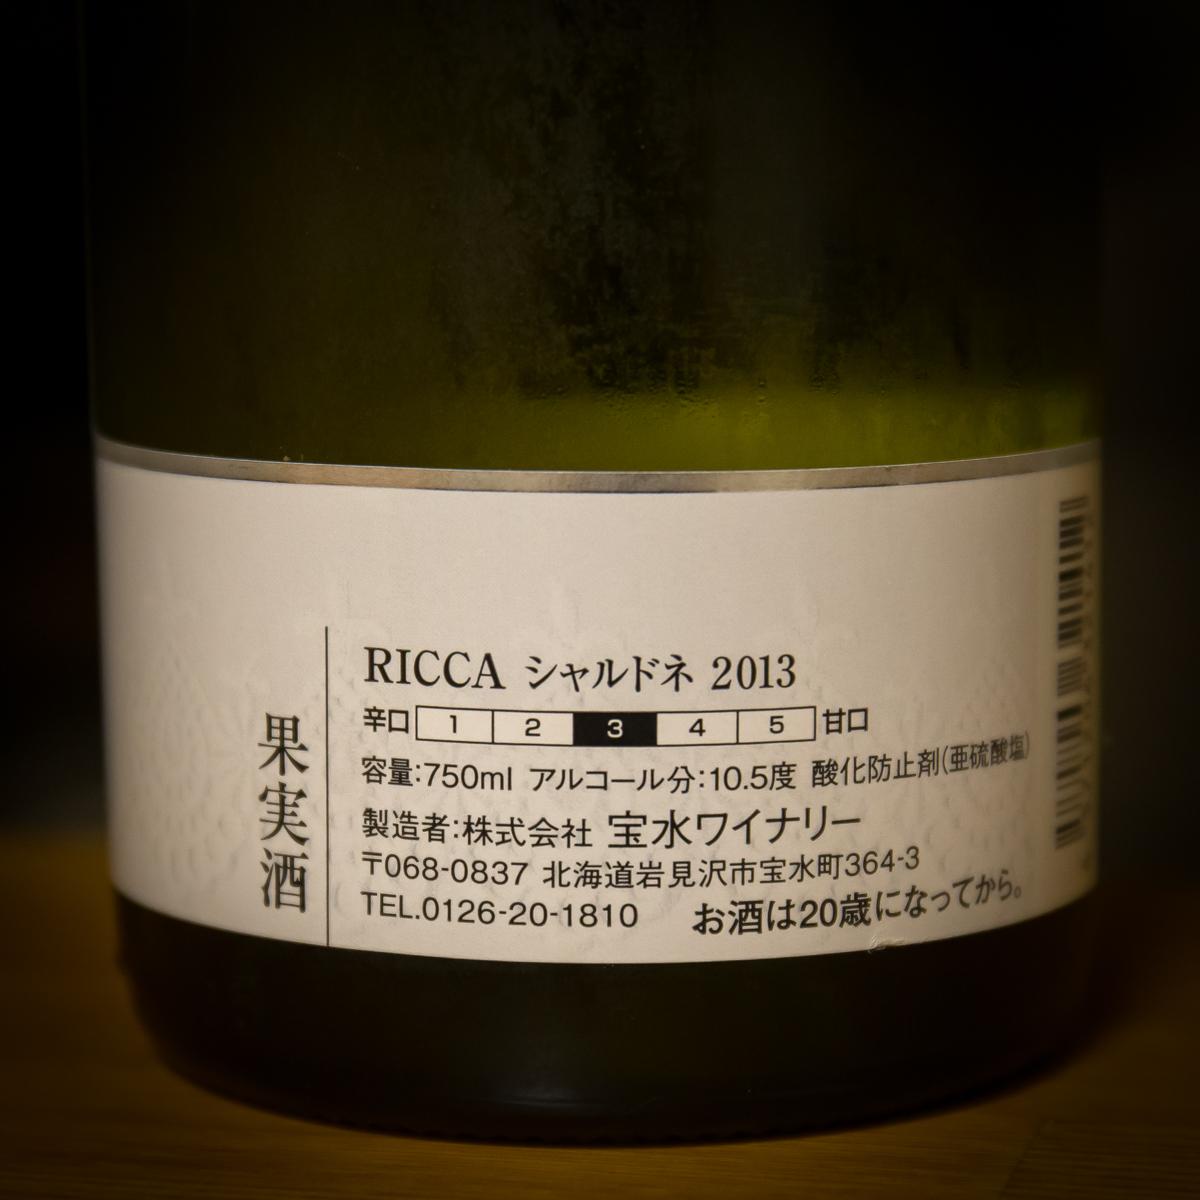 RICCA シャルドネ 2013(4)